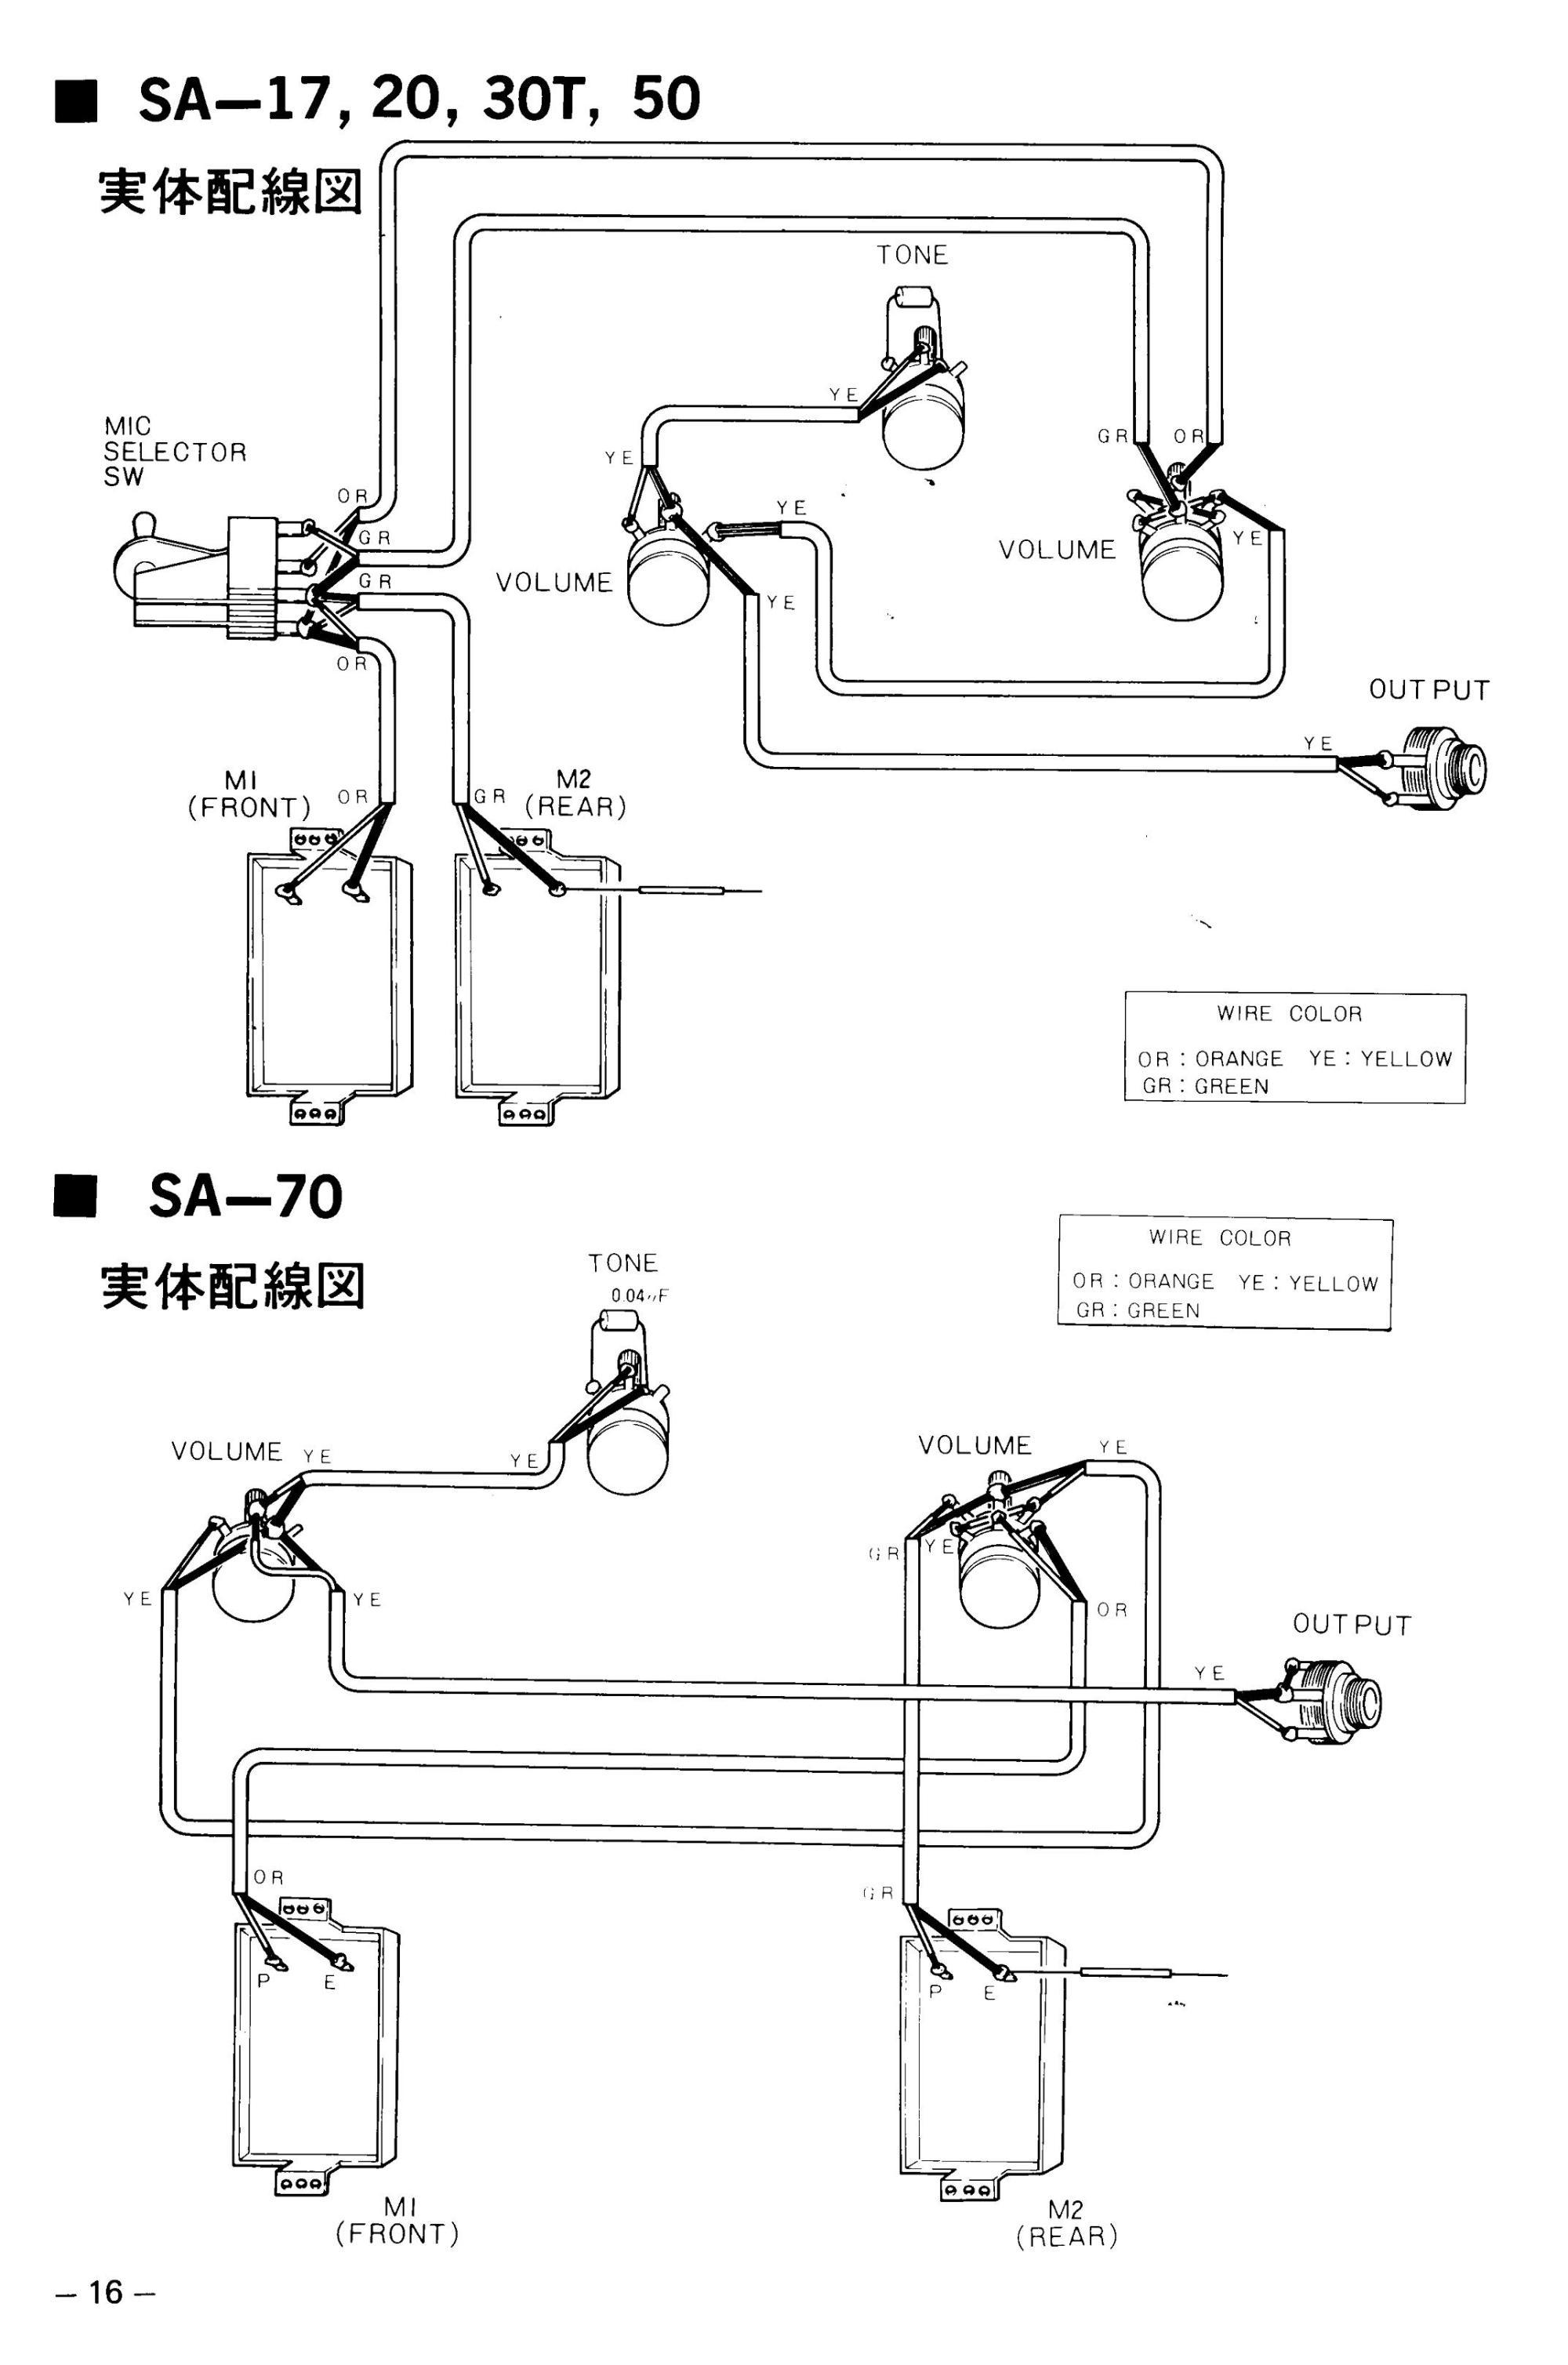 hight resolution of sa70 wiring diagram yamaha sa 20 sa 30 sa 50 sa 70